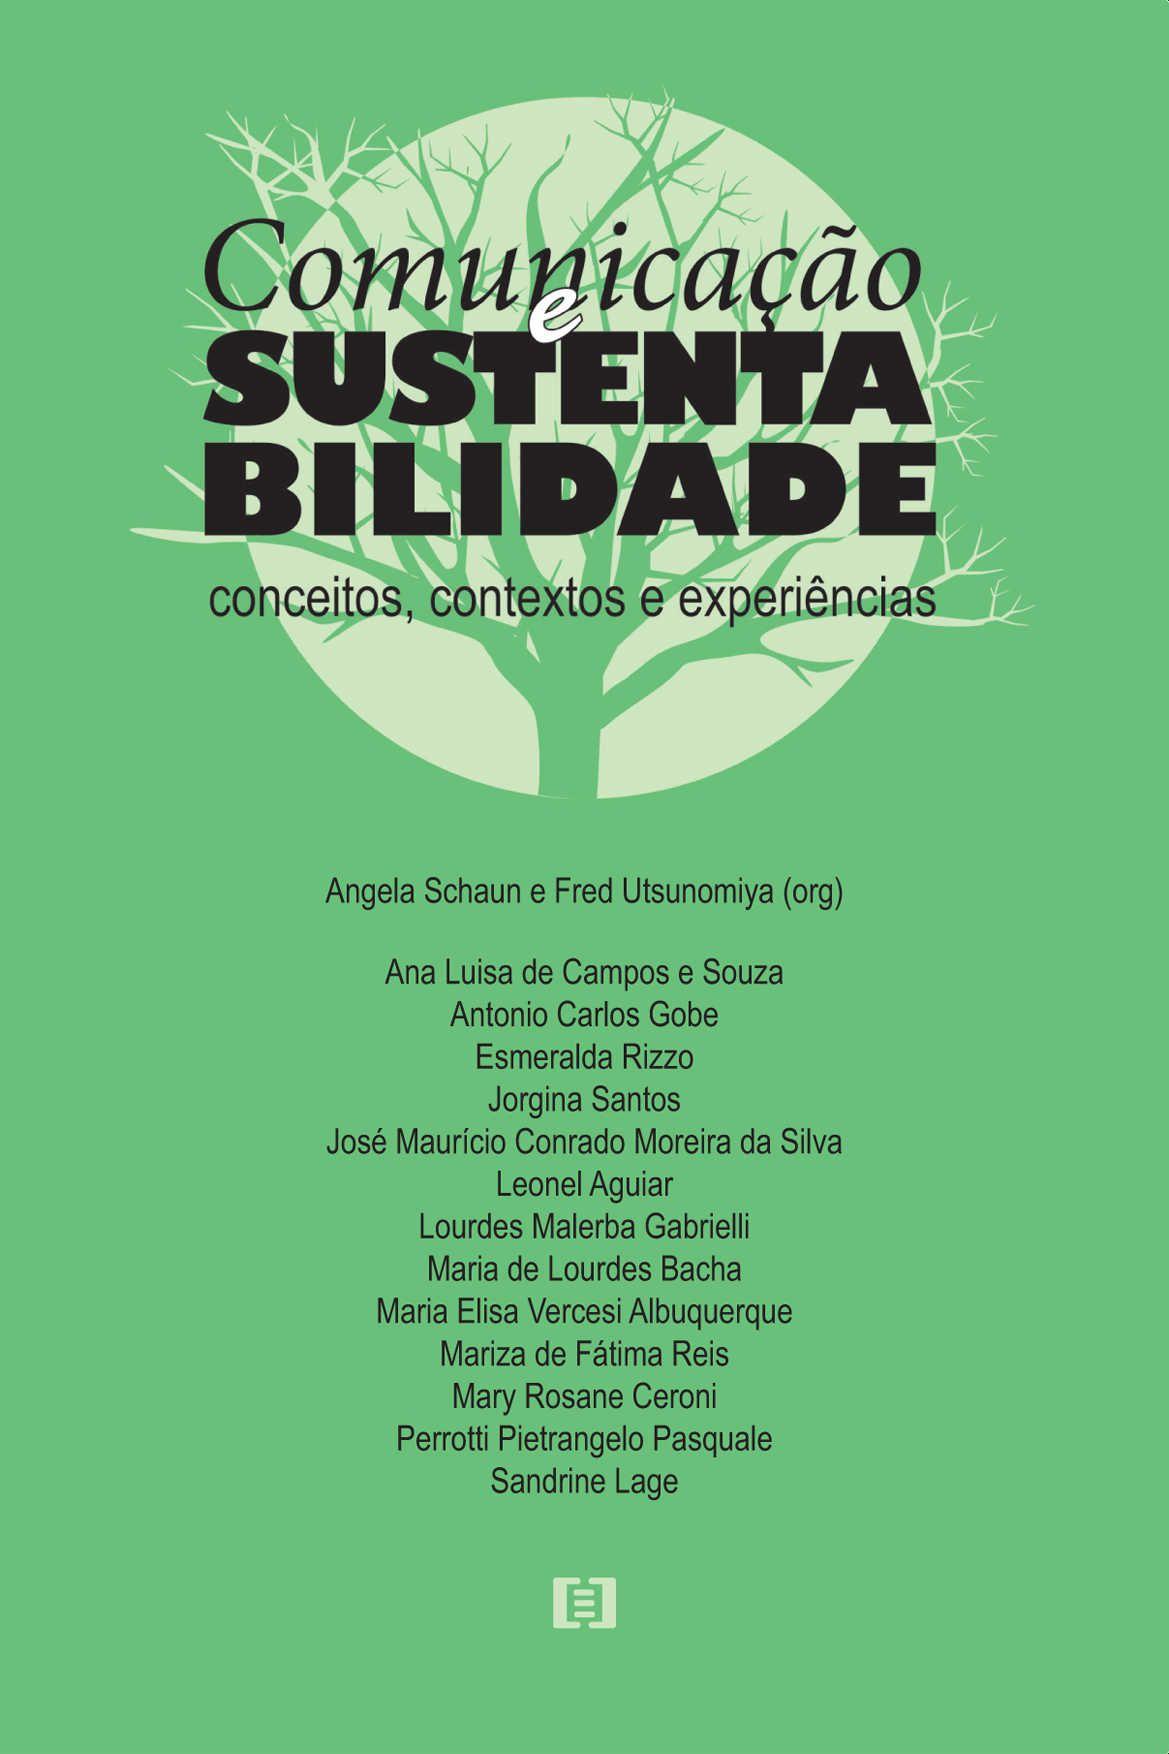 Comunicação e sustentabilidade: Conceitos, contextos e experiências